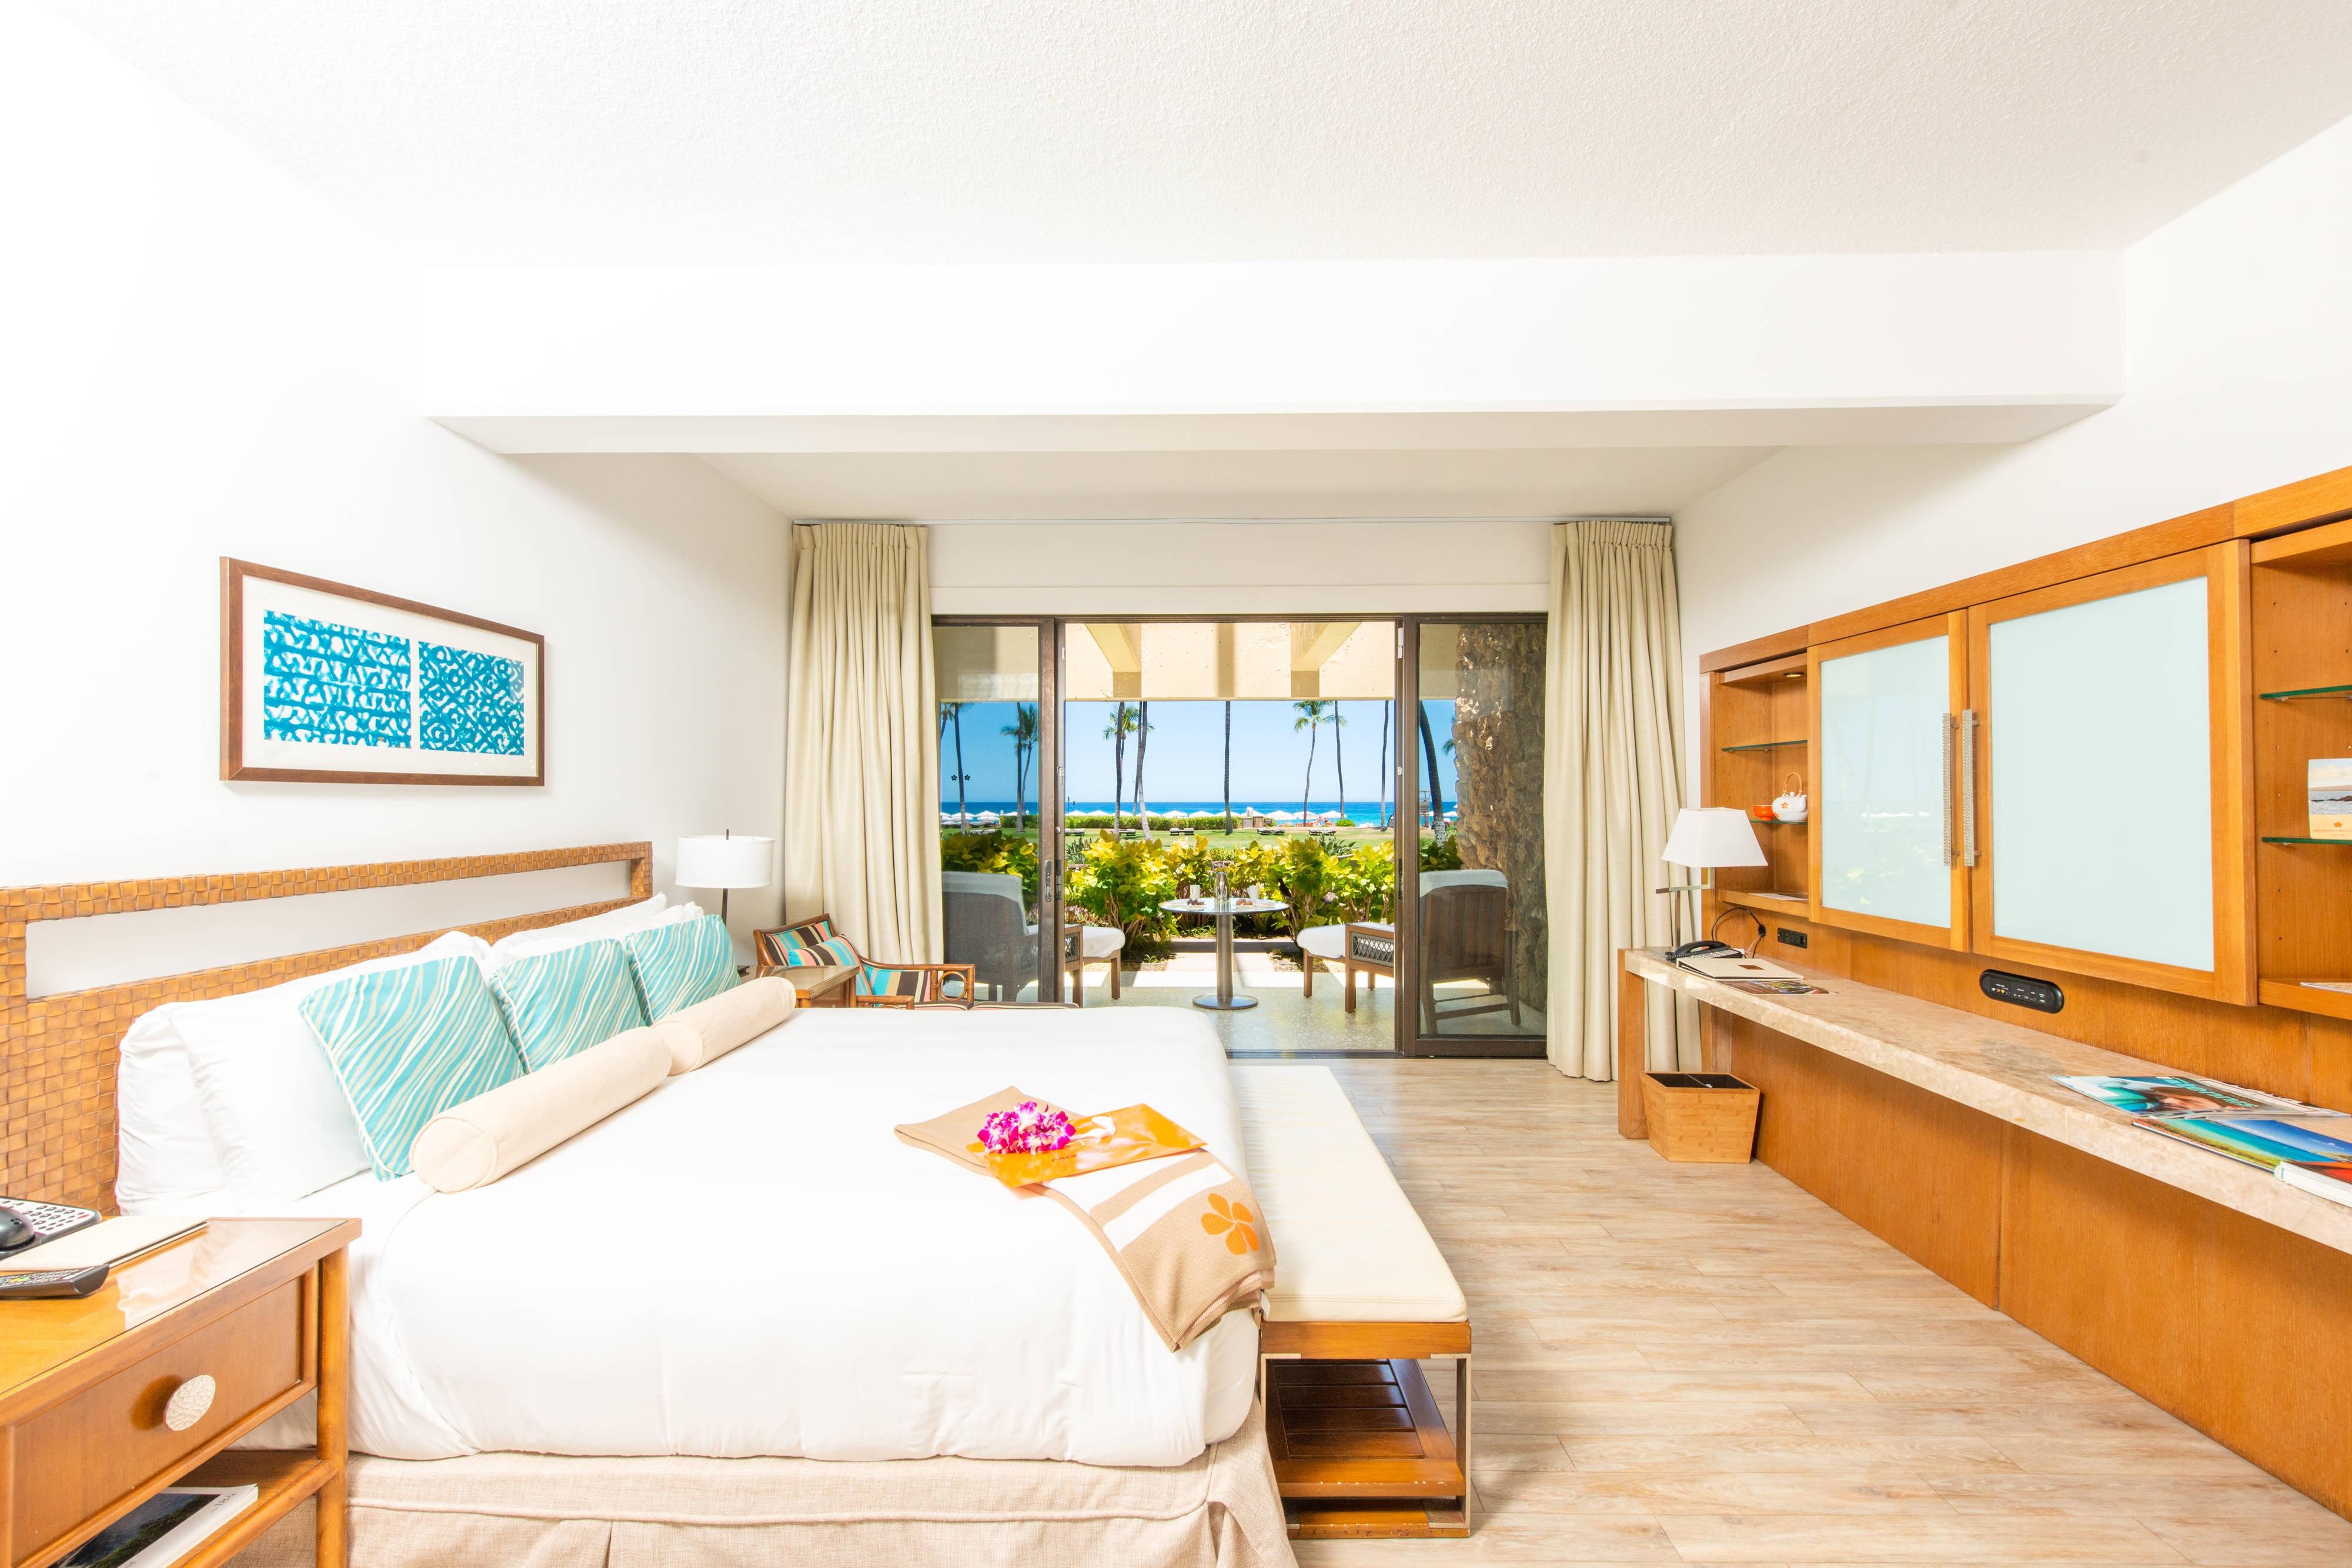 Gästezimmer am Strand mit Kingsize-Bett– Erdgeschoss